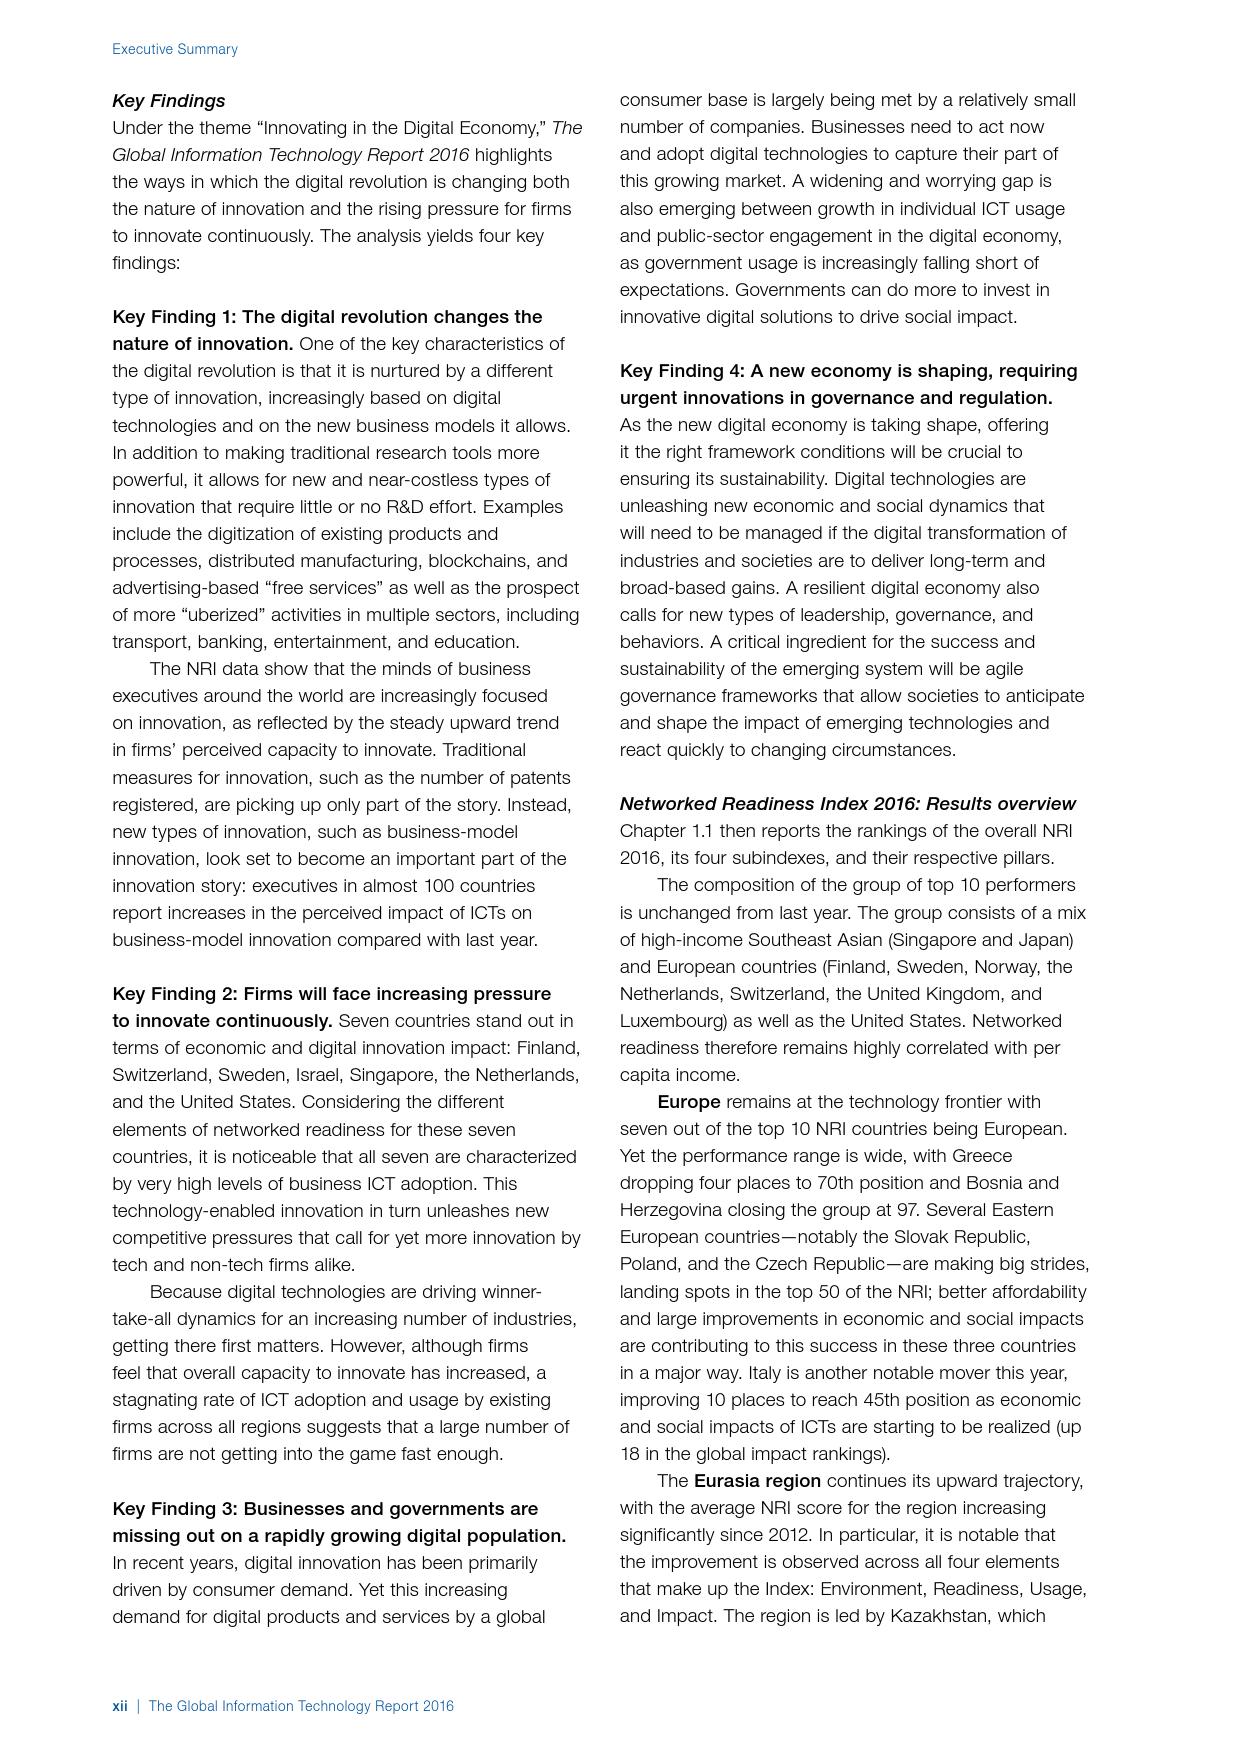 2016 年全球信息技术报告_000013